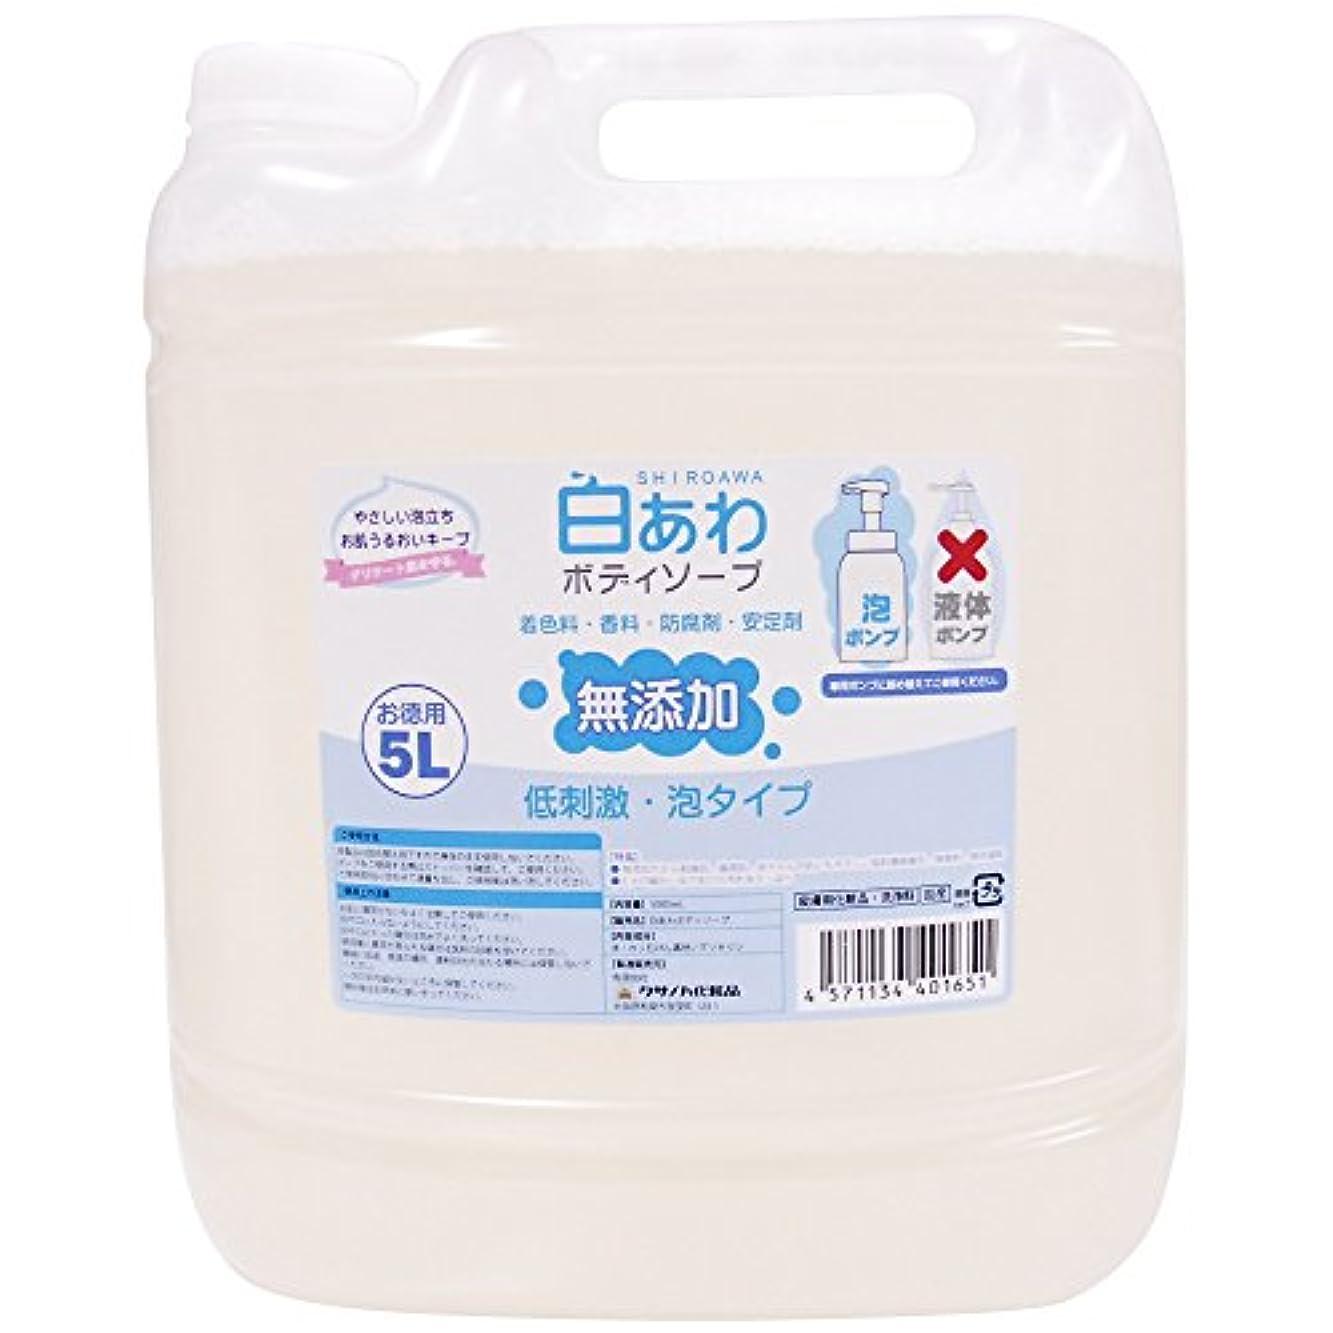 若者起業家豊かな【無添加】白あわボディソープ 詰替用 5L